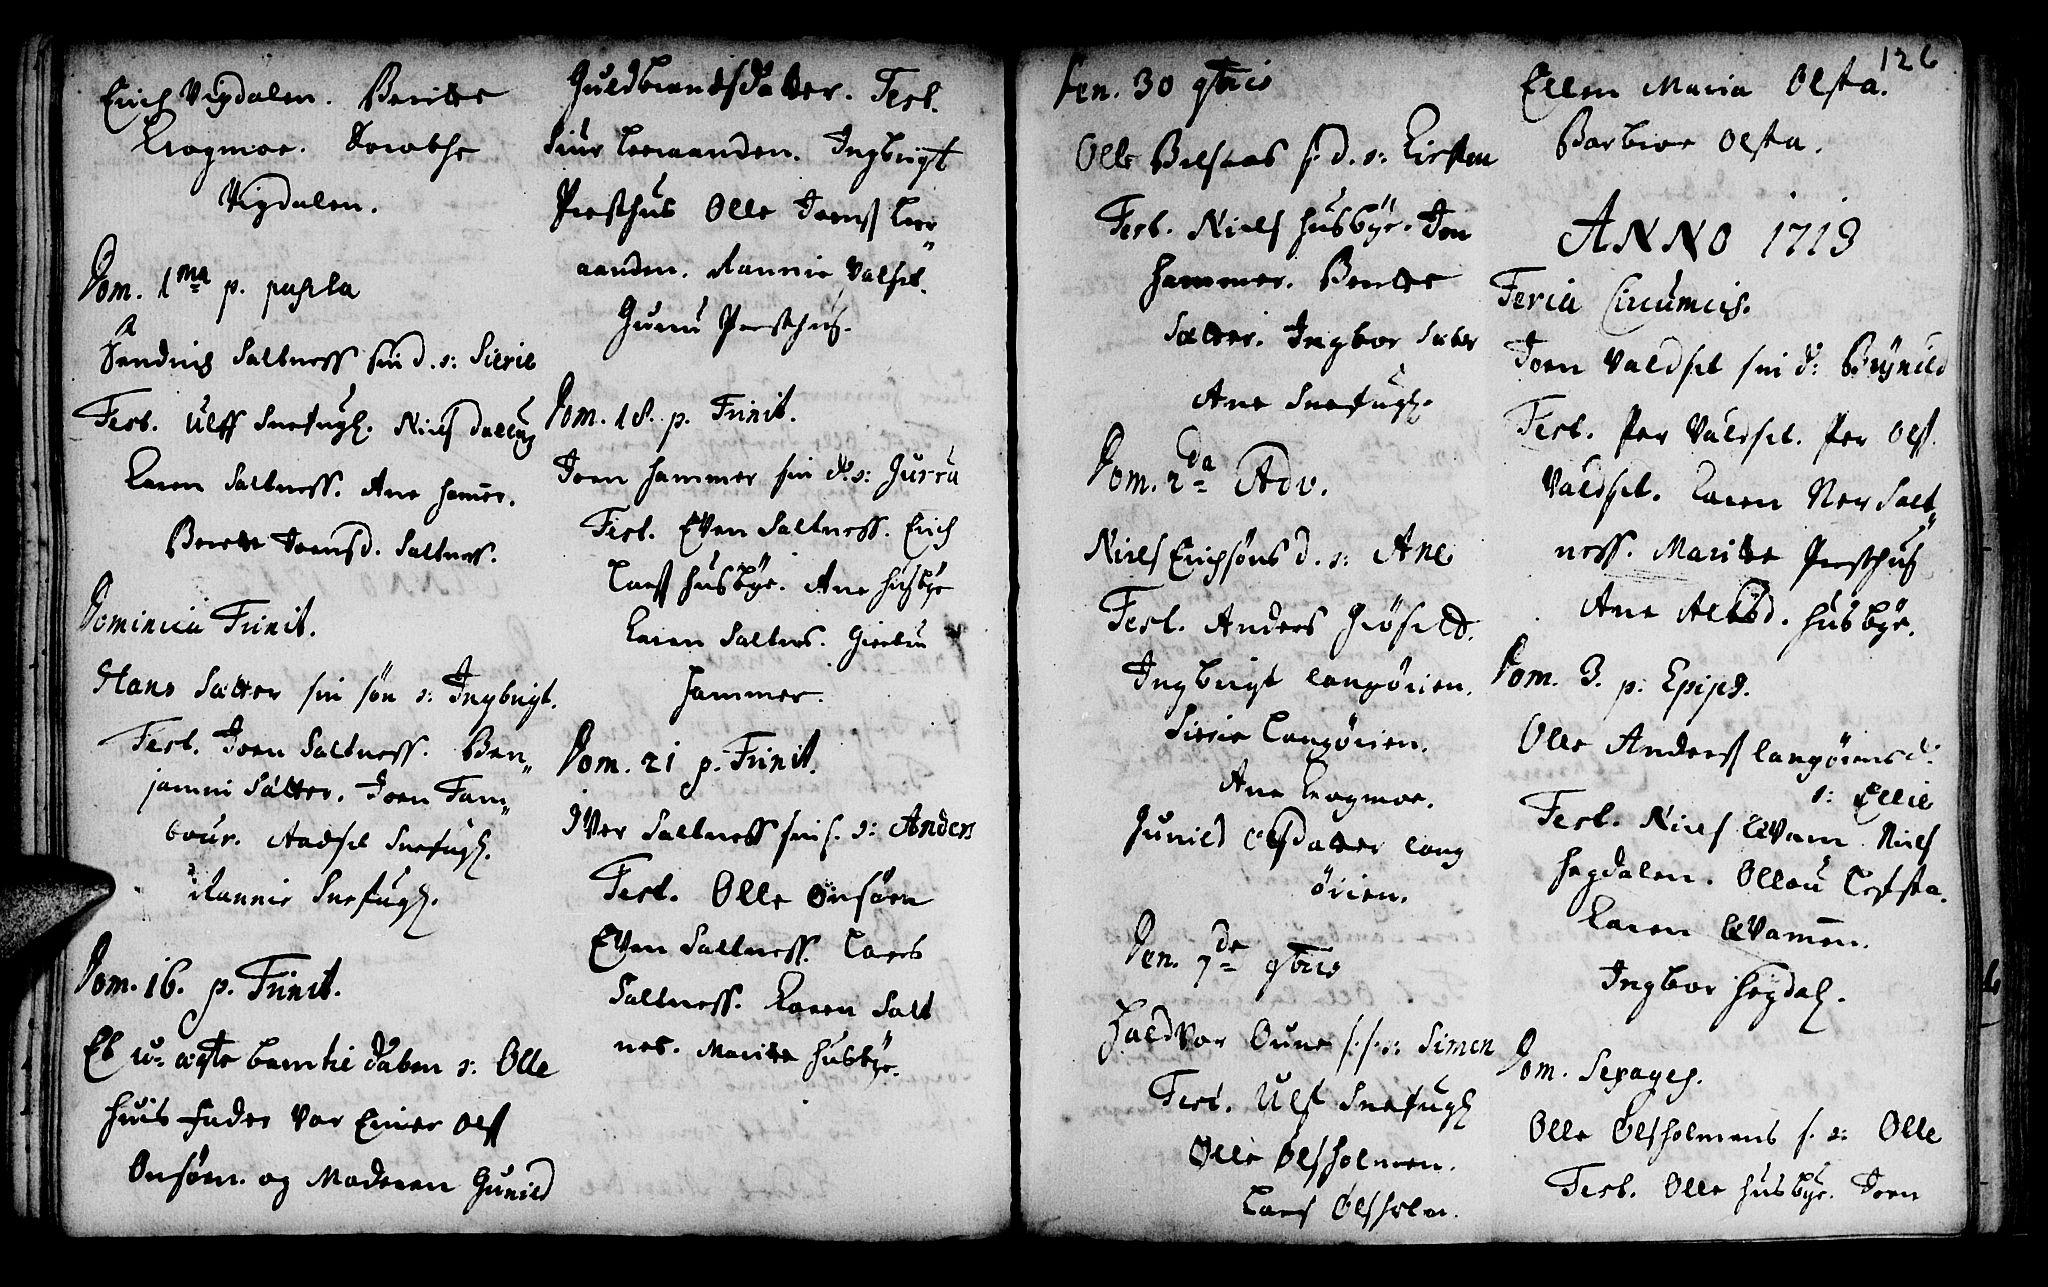 SAT, Ministerialprotokoller, klokkerbøker og fødselsregistre - Sør-Trøndelag, 666/L0783: Ministerialbok nr. 666A01, 1702-1753, s. 126a